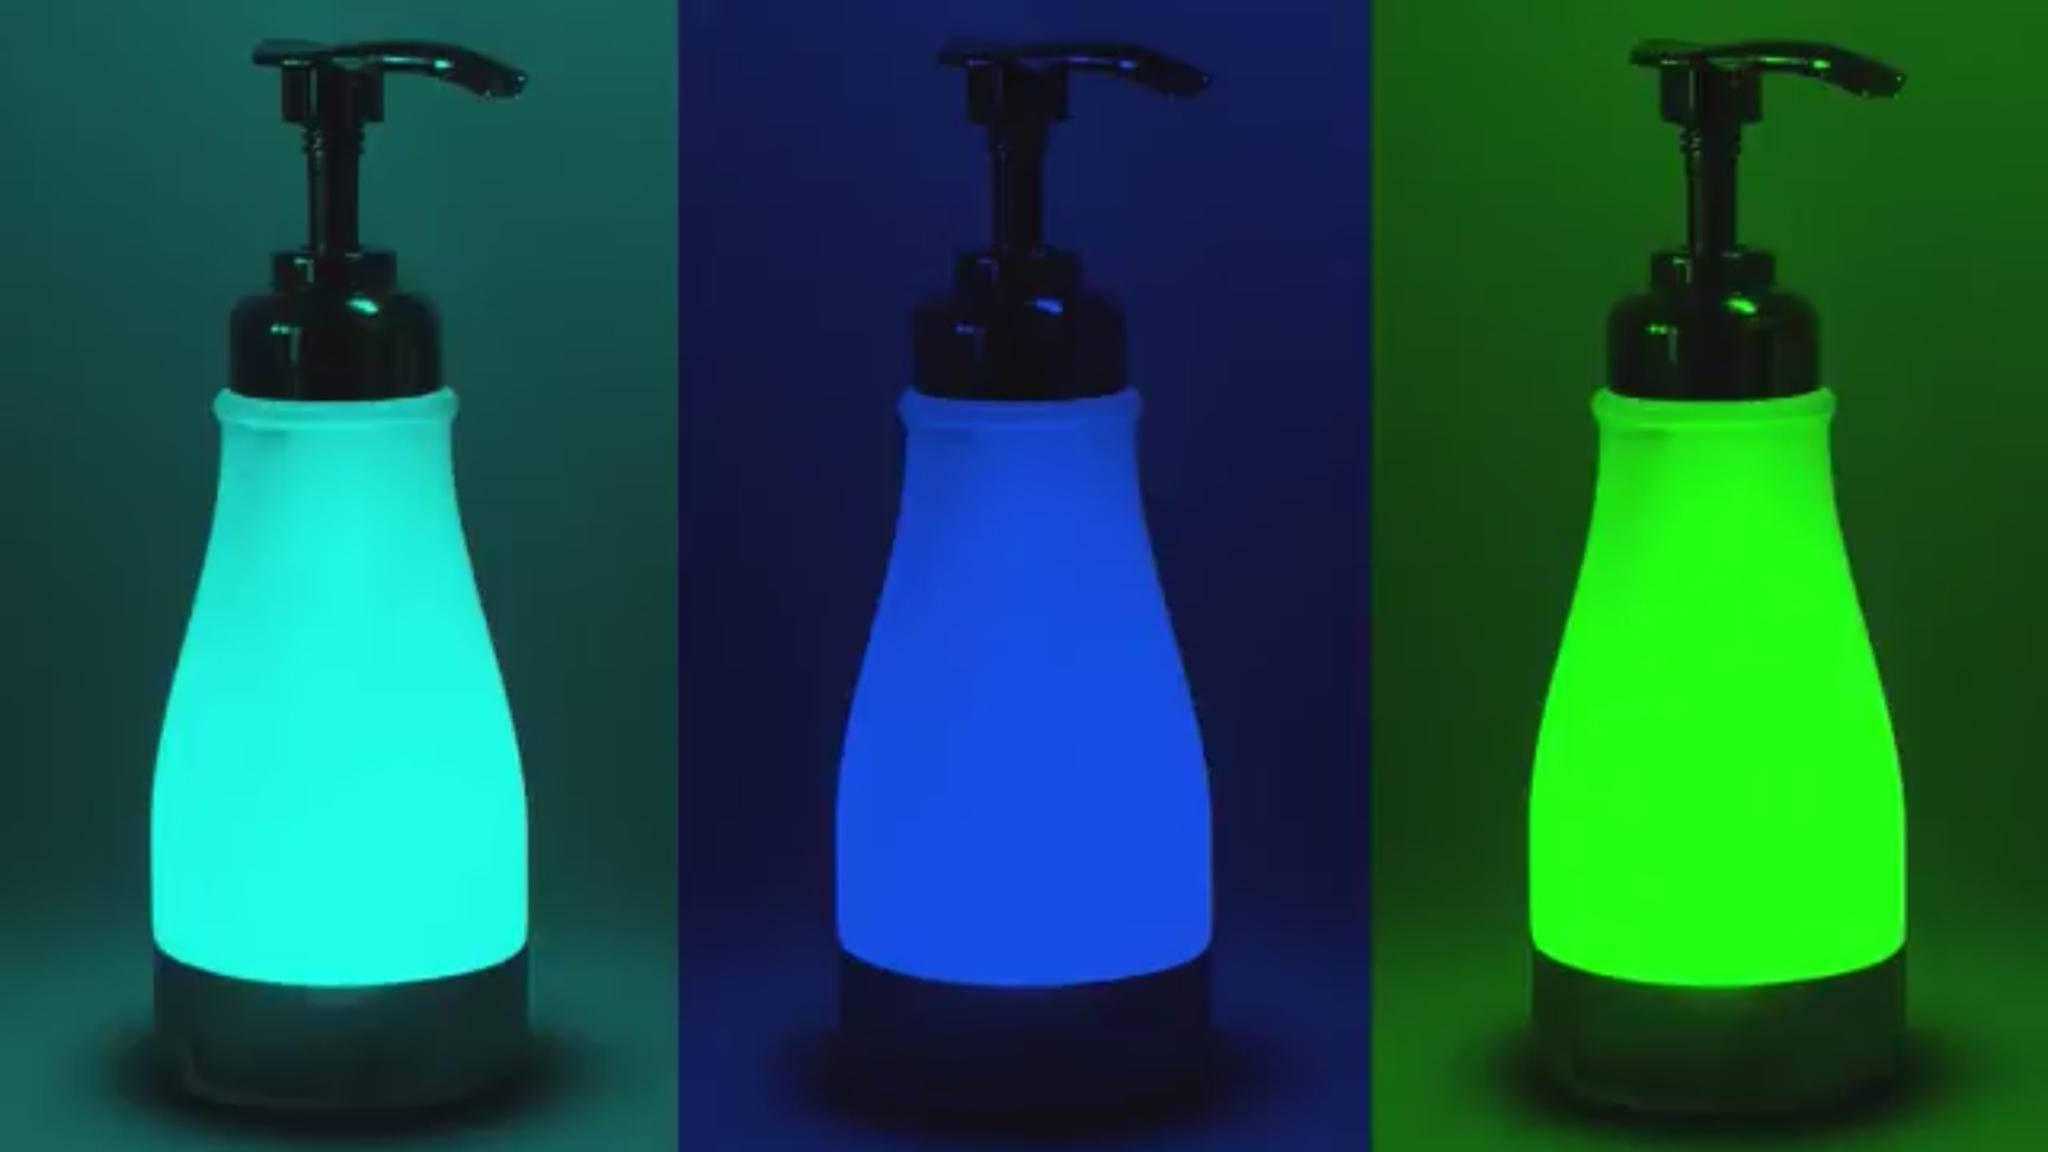 Das leuchtende Nachtlicht illumi-Soap soll das Bad upgraden.